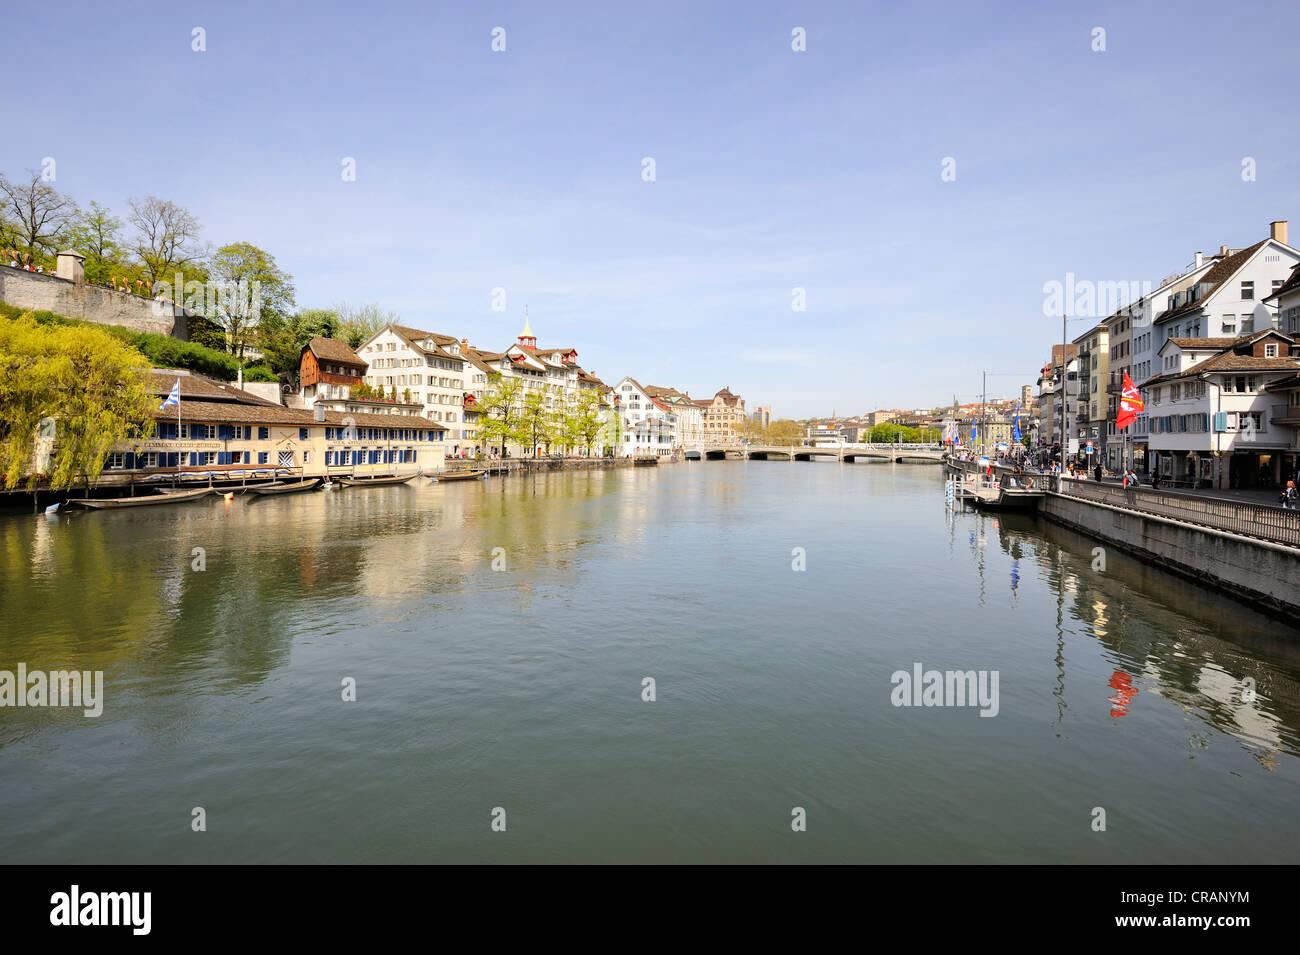 Zurigo, vista del fiume Limmat, quartiere Schipfe, del Cantone di Zurigo, Svizzera, Europa Immagini Stock